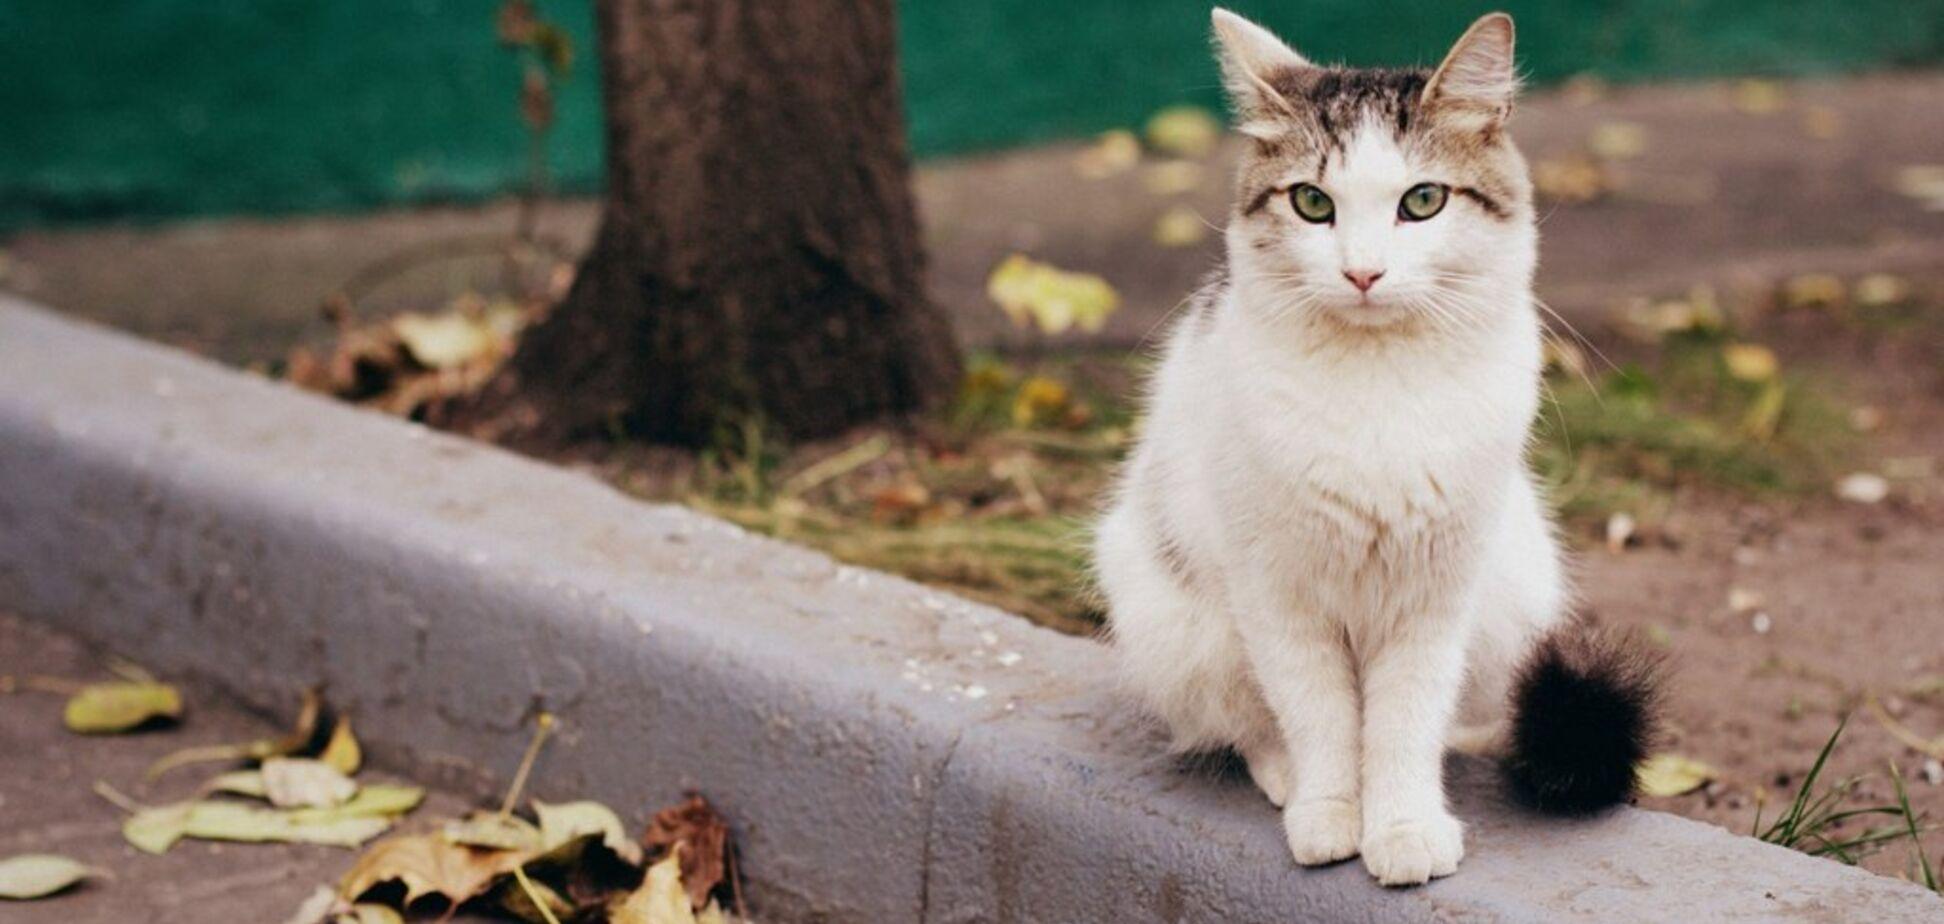 Харьковчане требуют признать котов частью экосистемы города